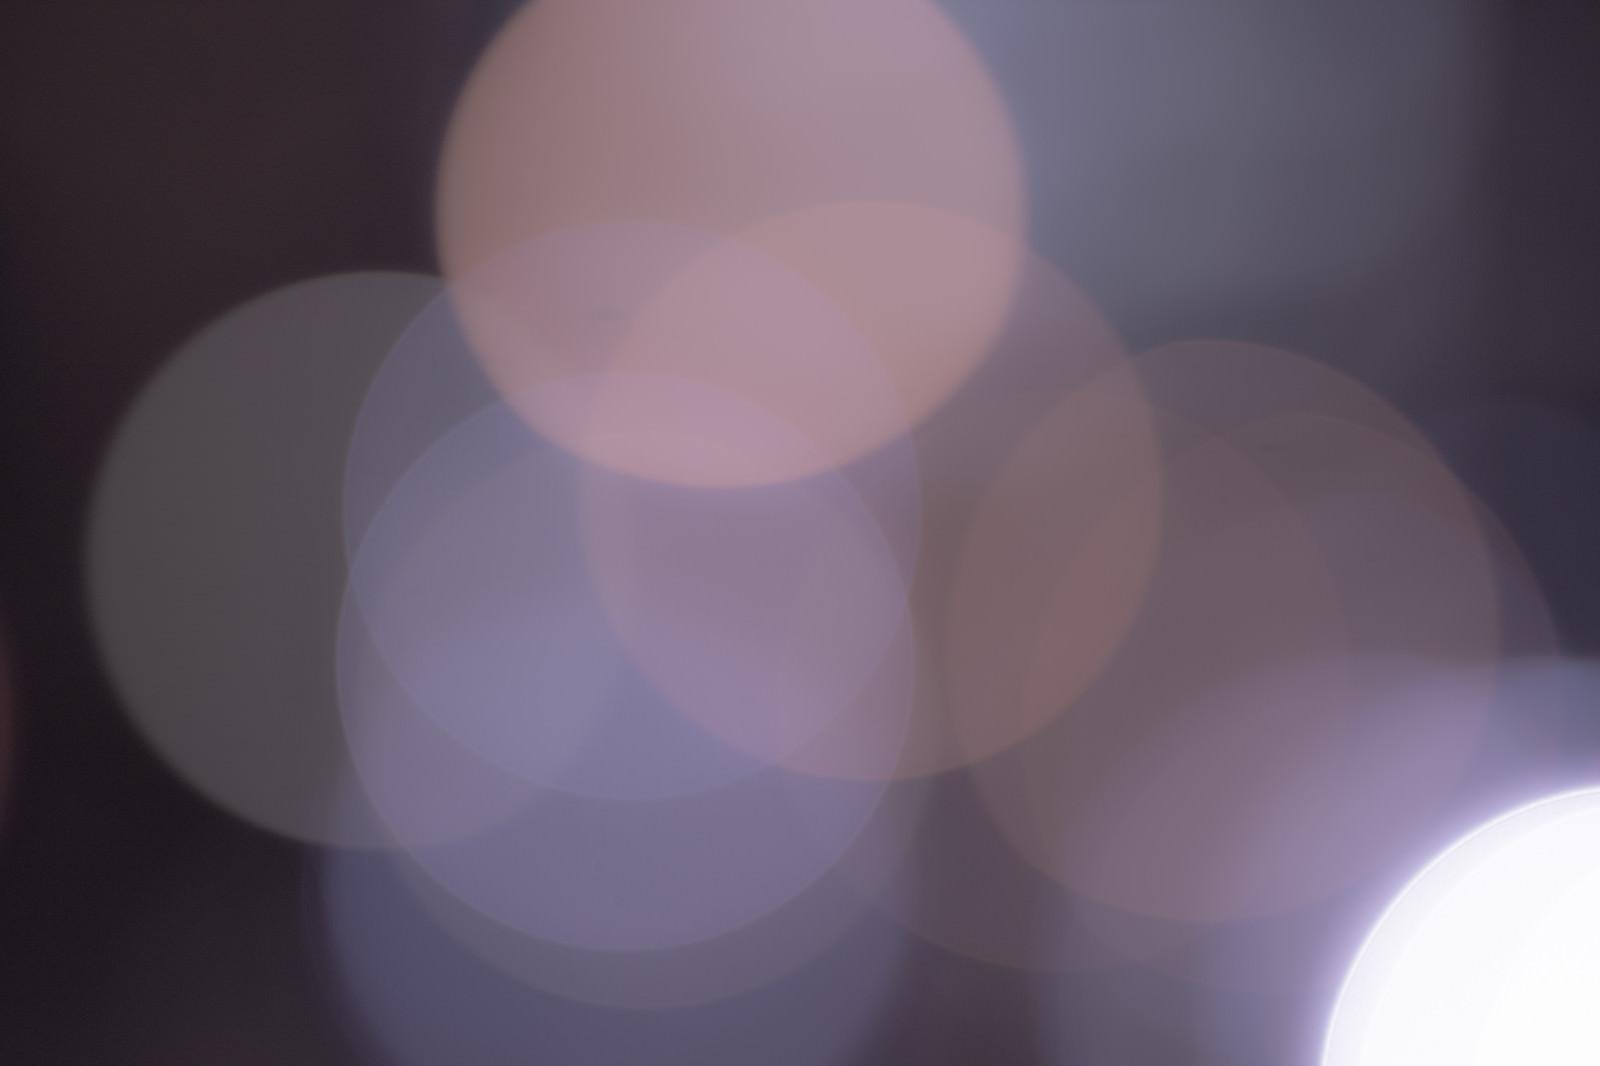 「冷たいグレー色の丸ボケ」の写真